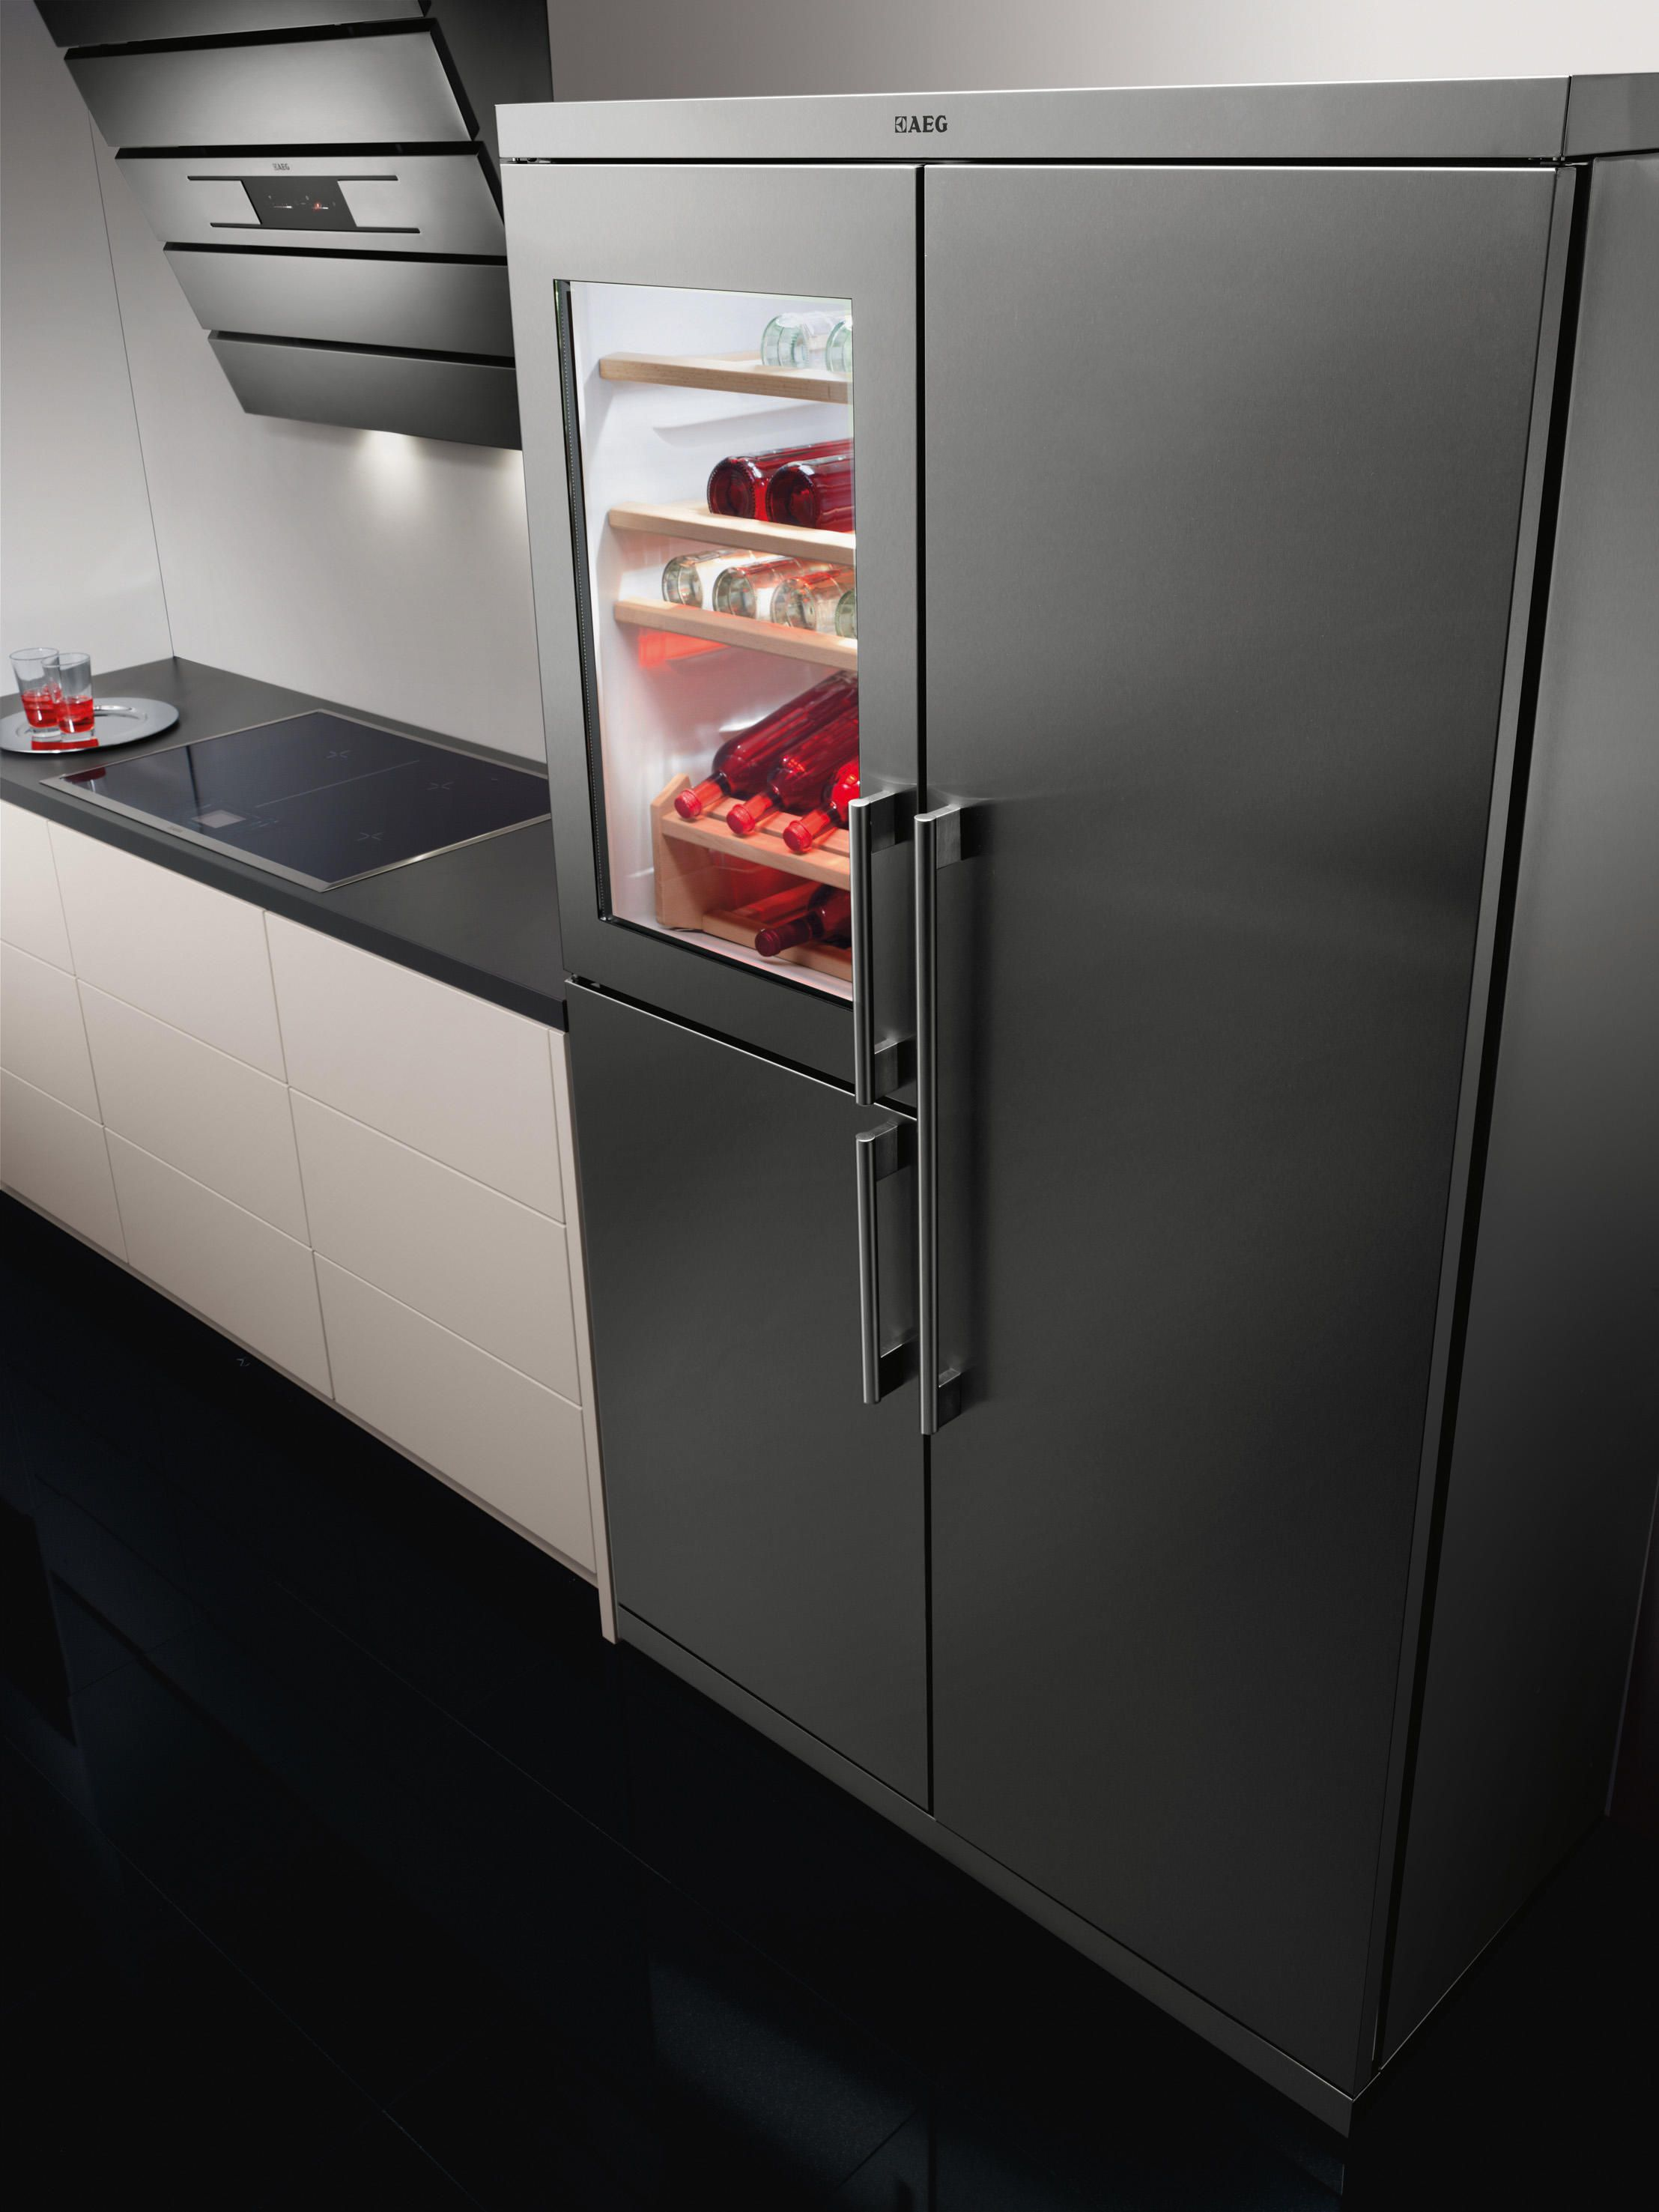 Billige Küchengeräte | Küche | Pinterest